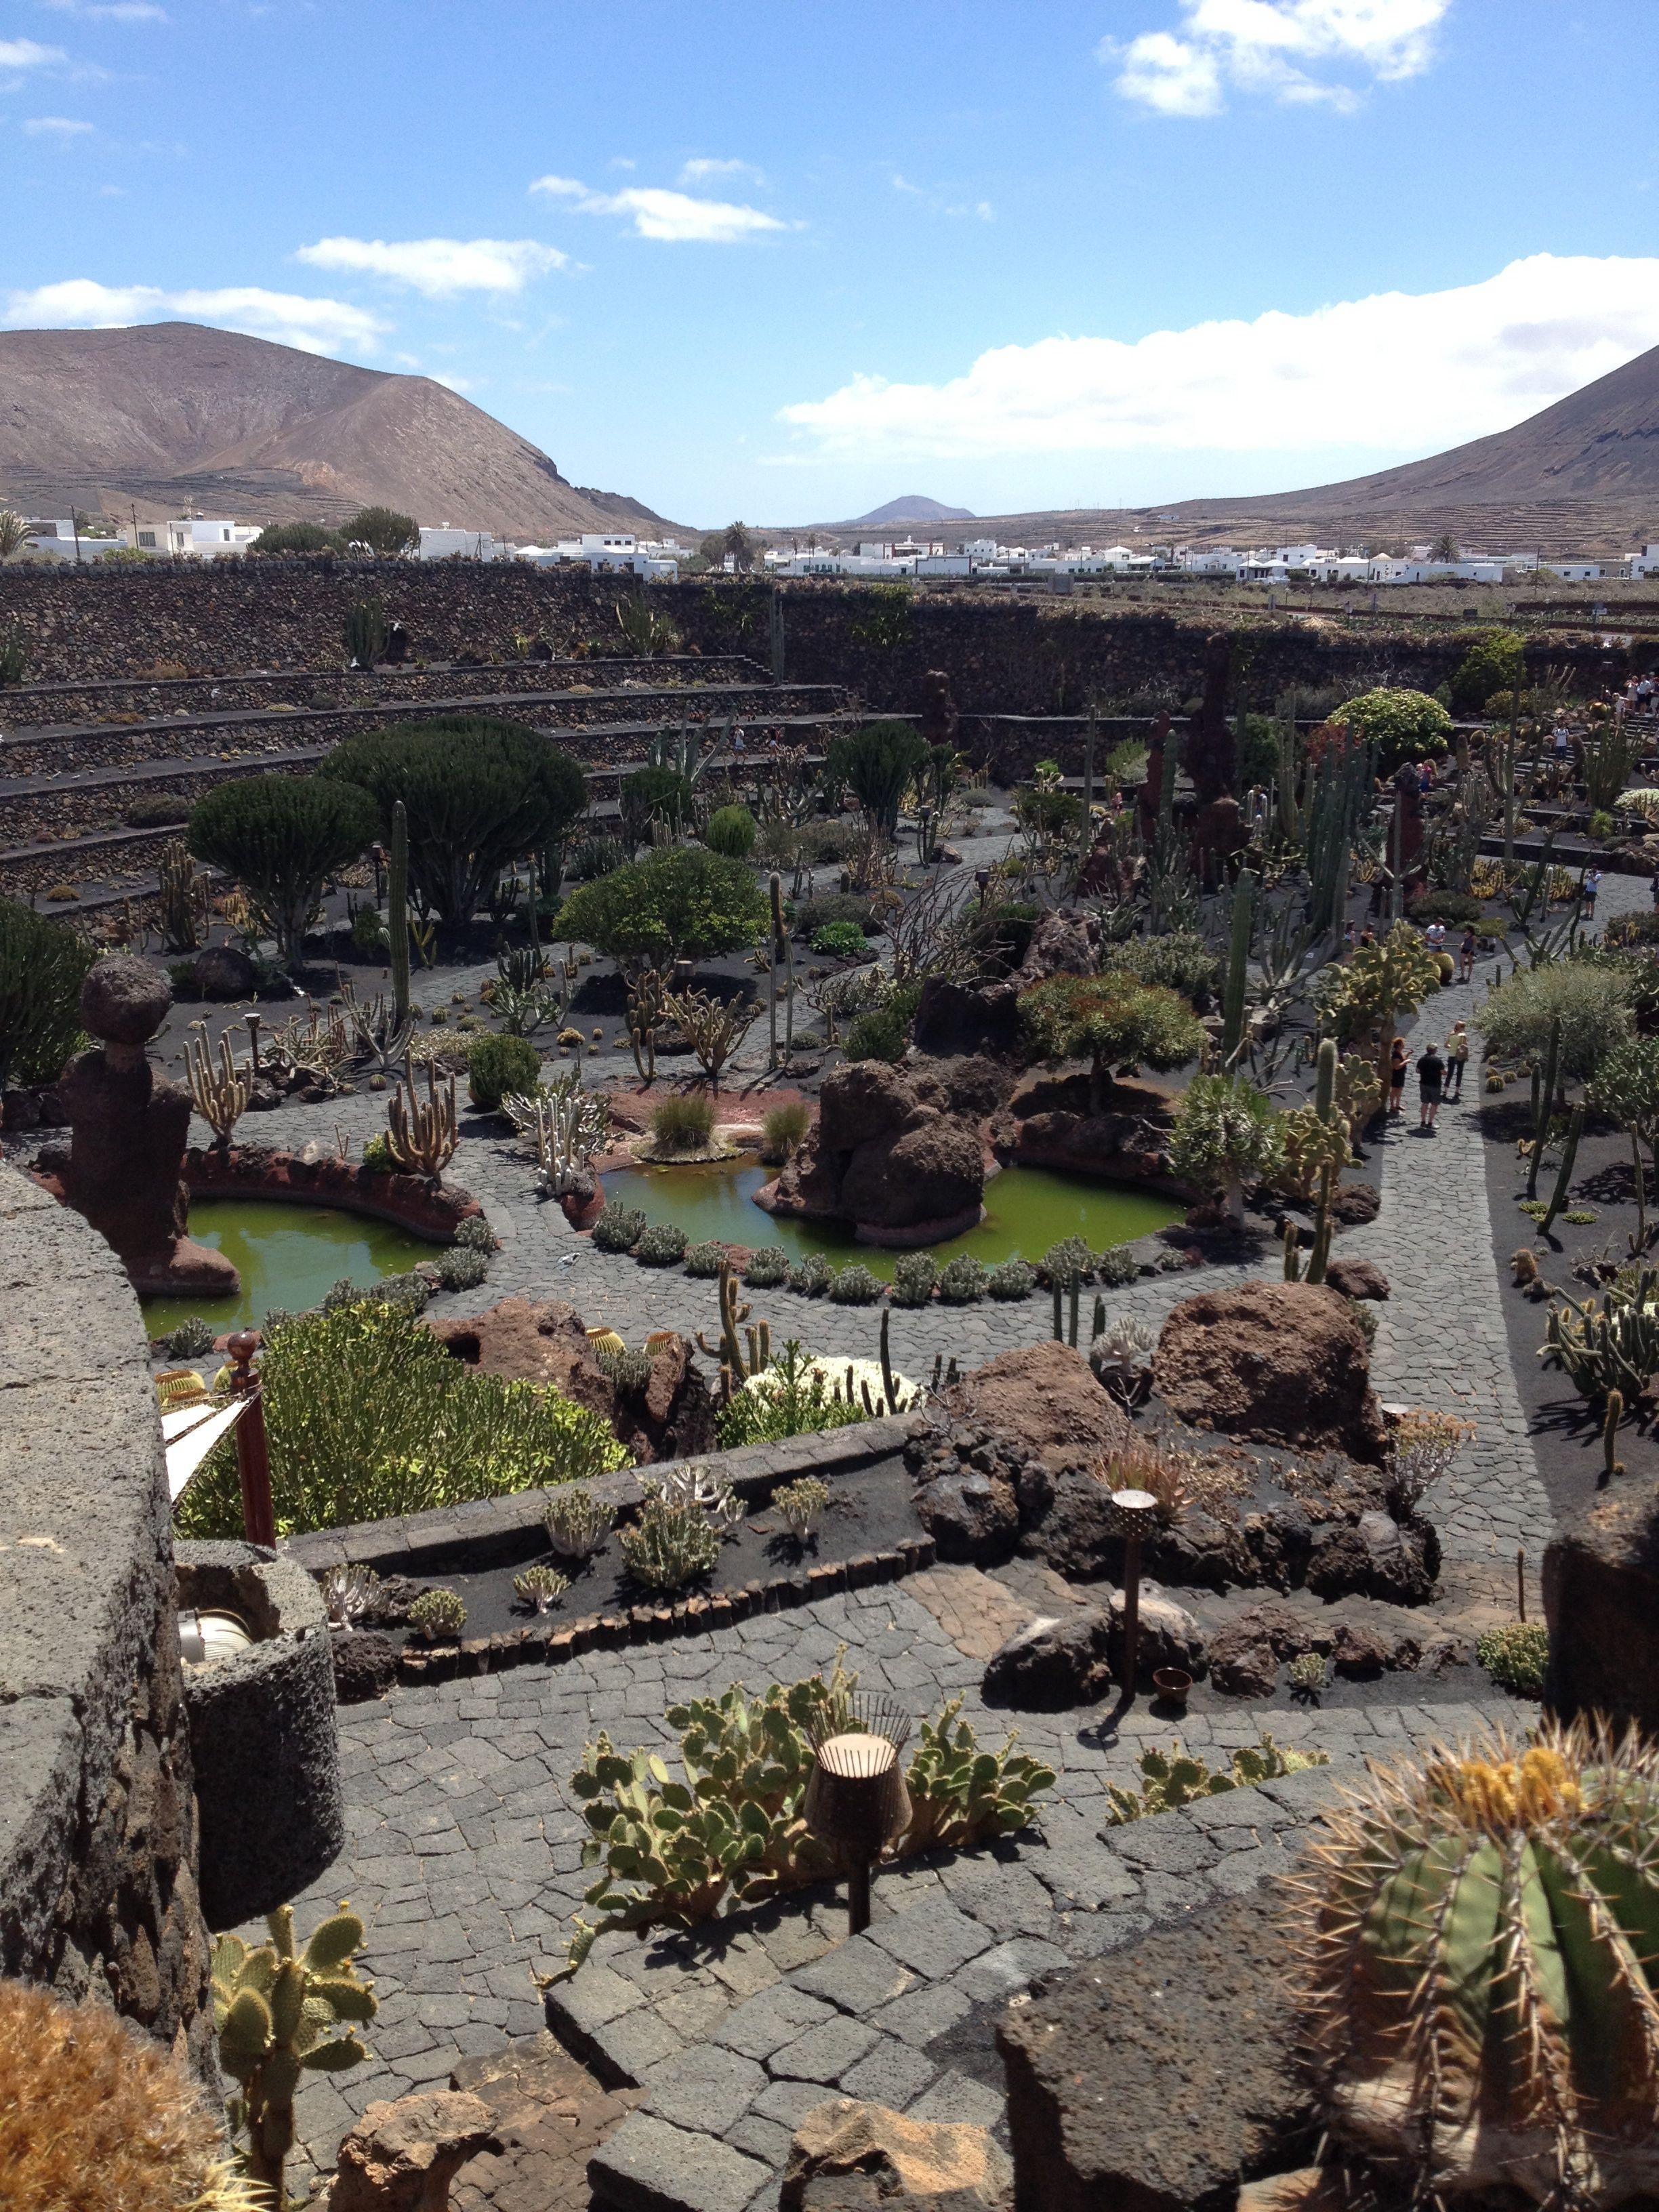 The cactus graden in Lanzarote by Cesar Manrique